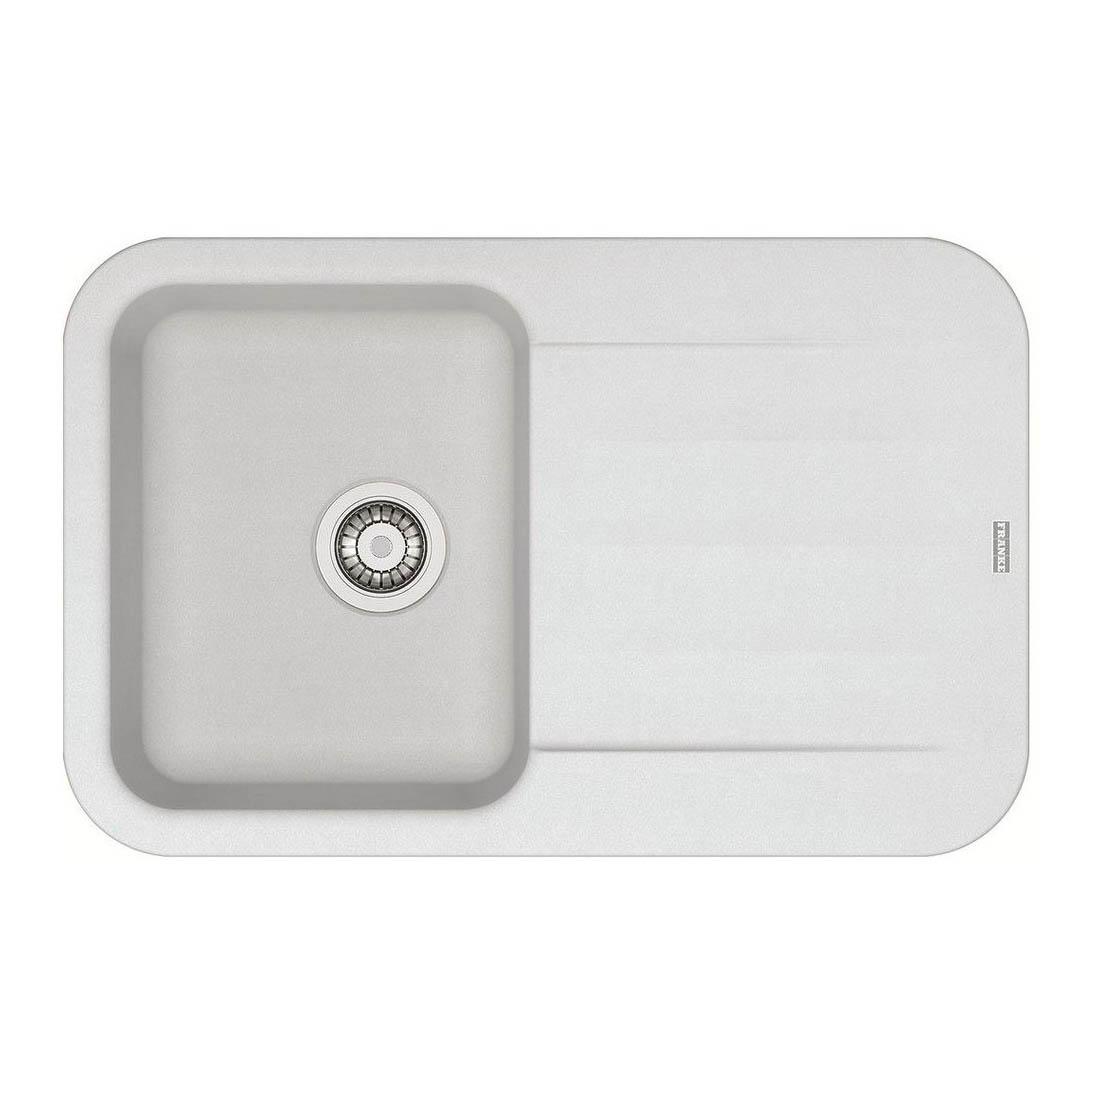 Кухонная мойка Franke Pebel PBG 611-78 белый franke pbg 611 78 114 0284 532